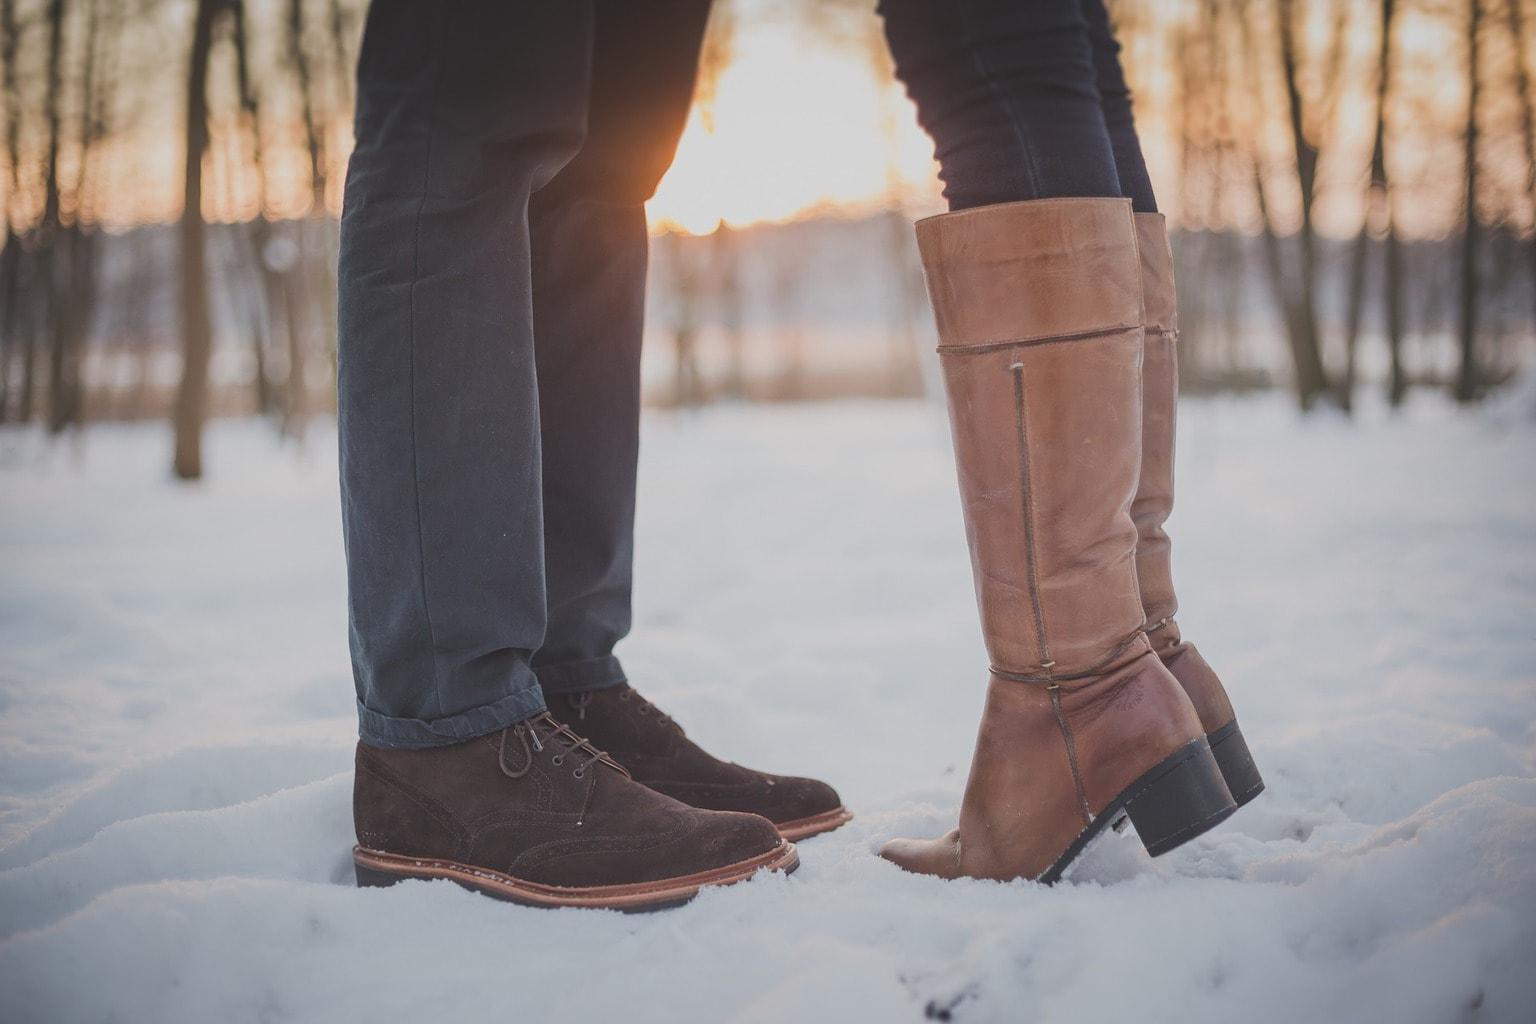 Pies de hombre y mujer en la nieve